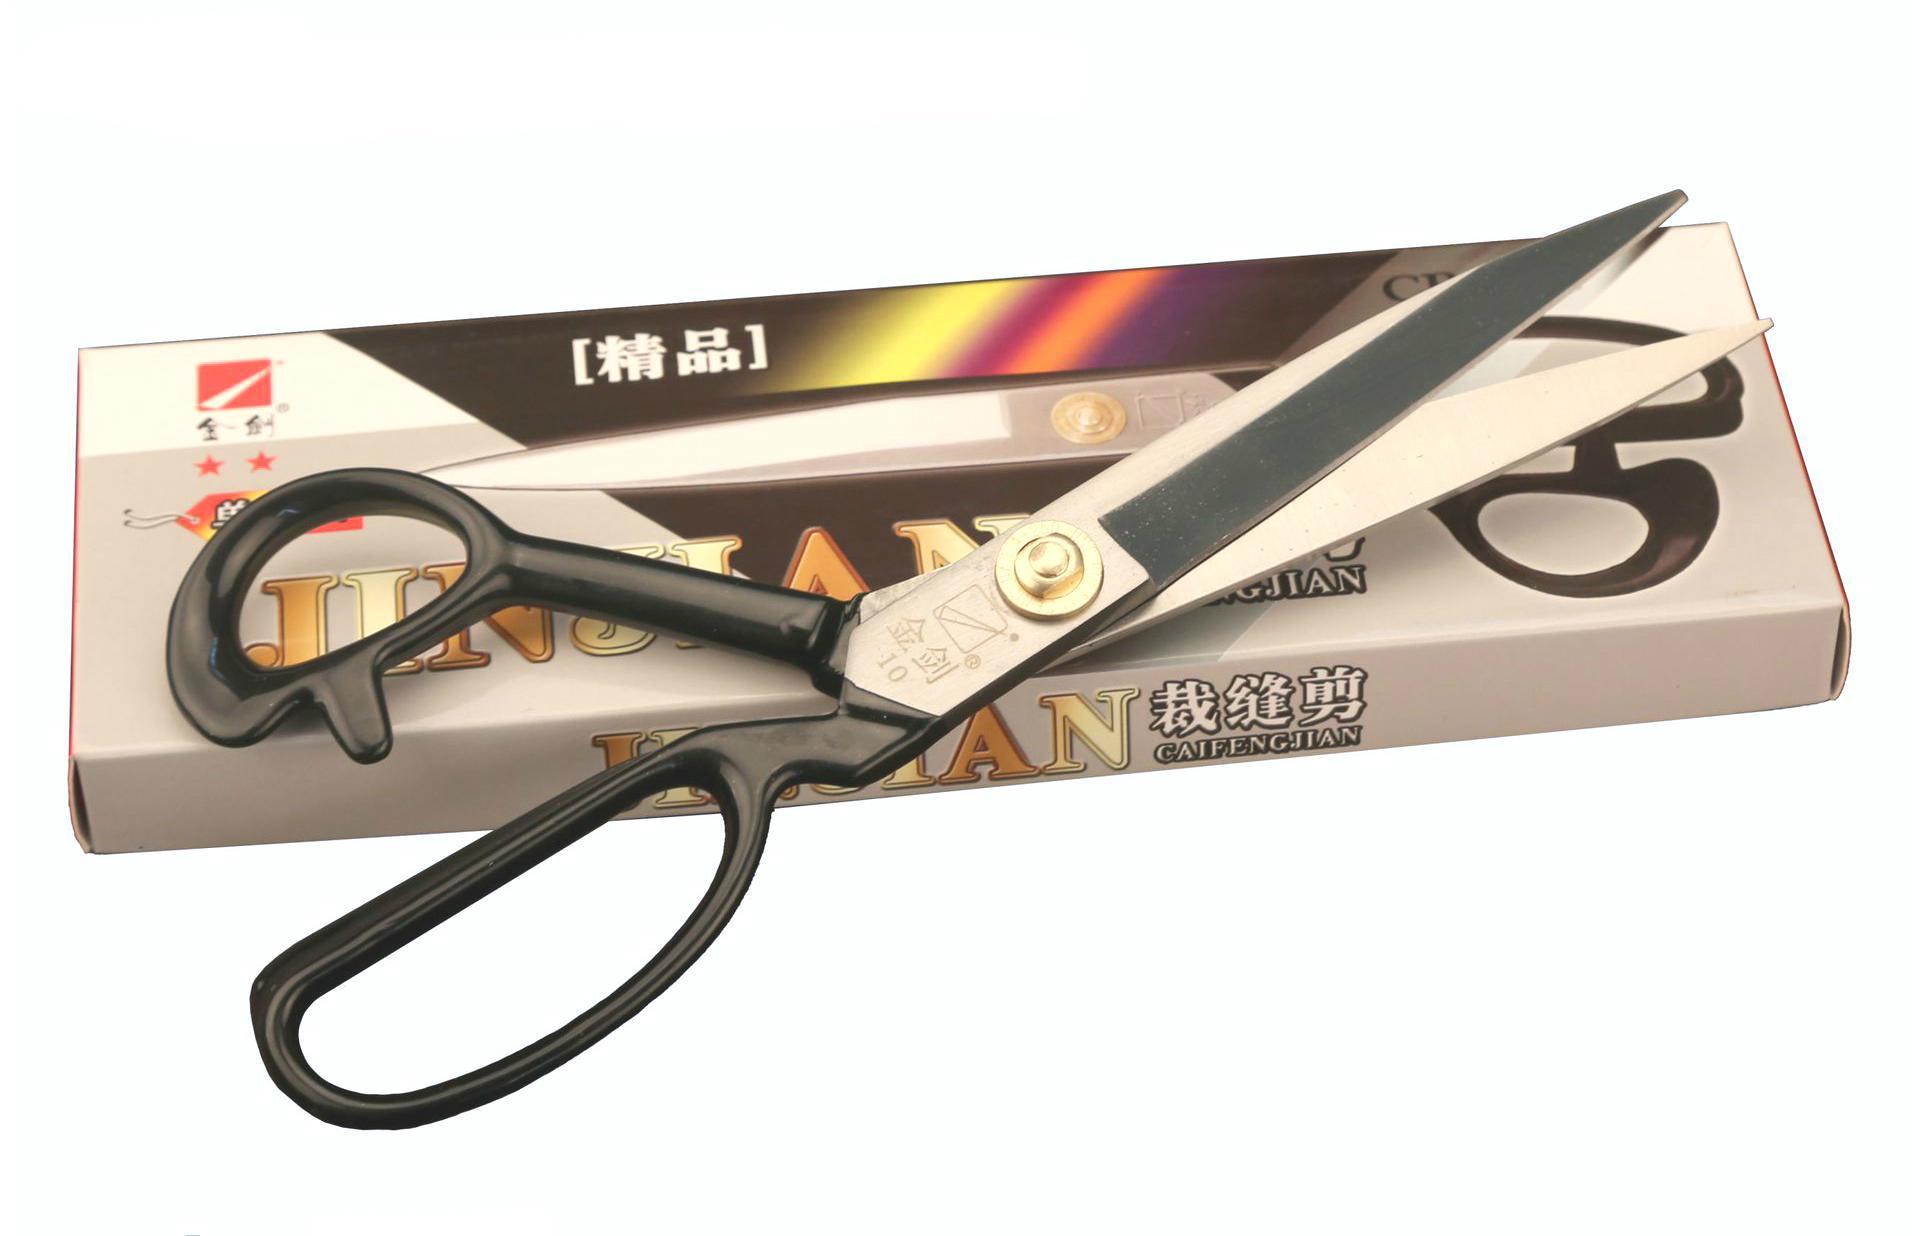 JINJIAN 10'' Tailor Scissors Stainless Steel  2